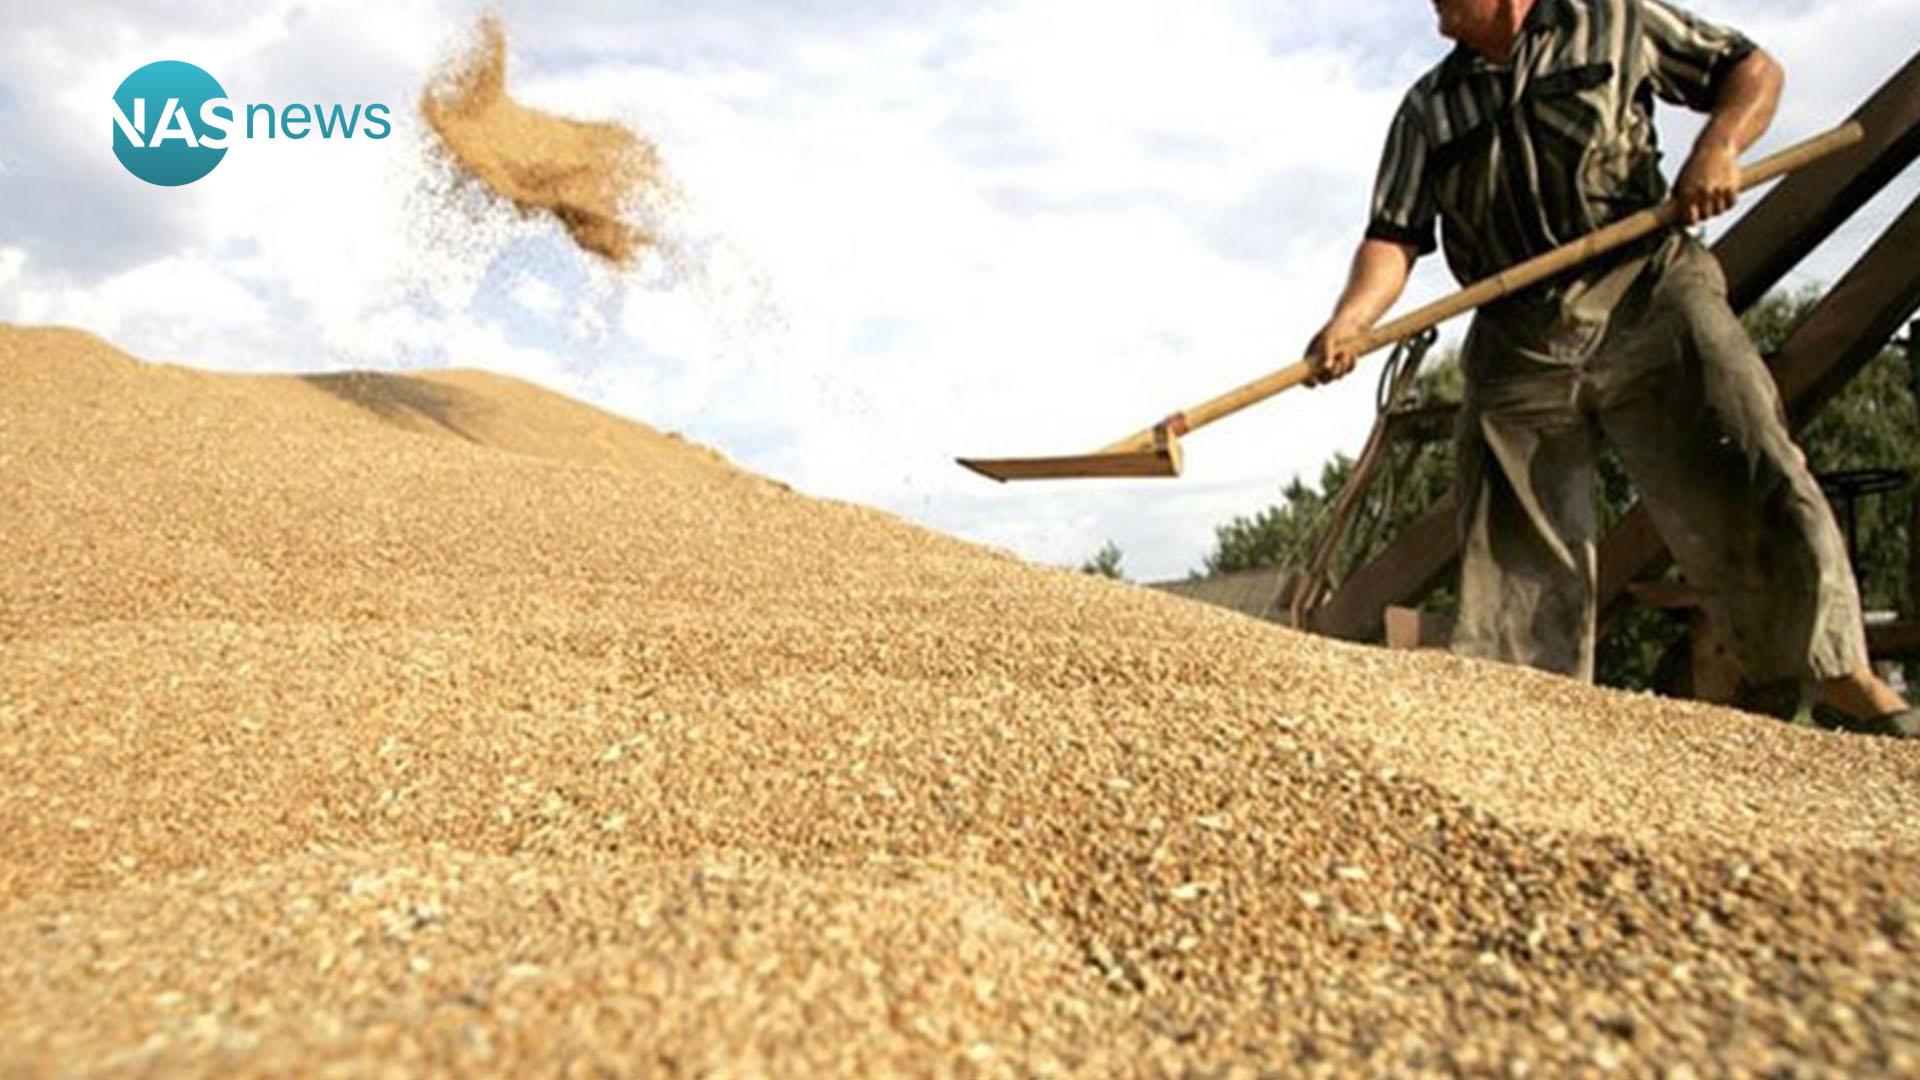 """1e4ec35598bbc """"الحبوب الذهبية"""" تتخم المخازن العراقية  ماذا يعني وصول إنتاج الحنطة لأرقام  قياسية؟"""